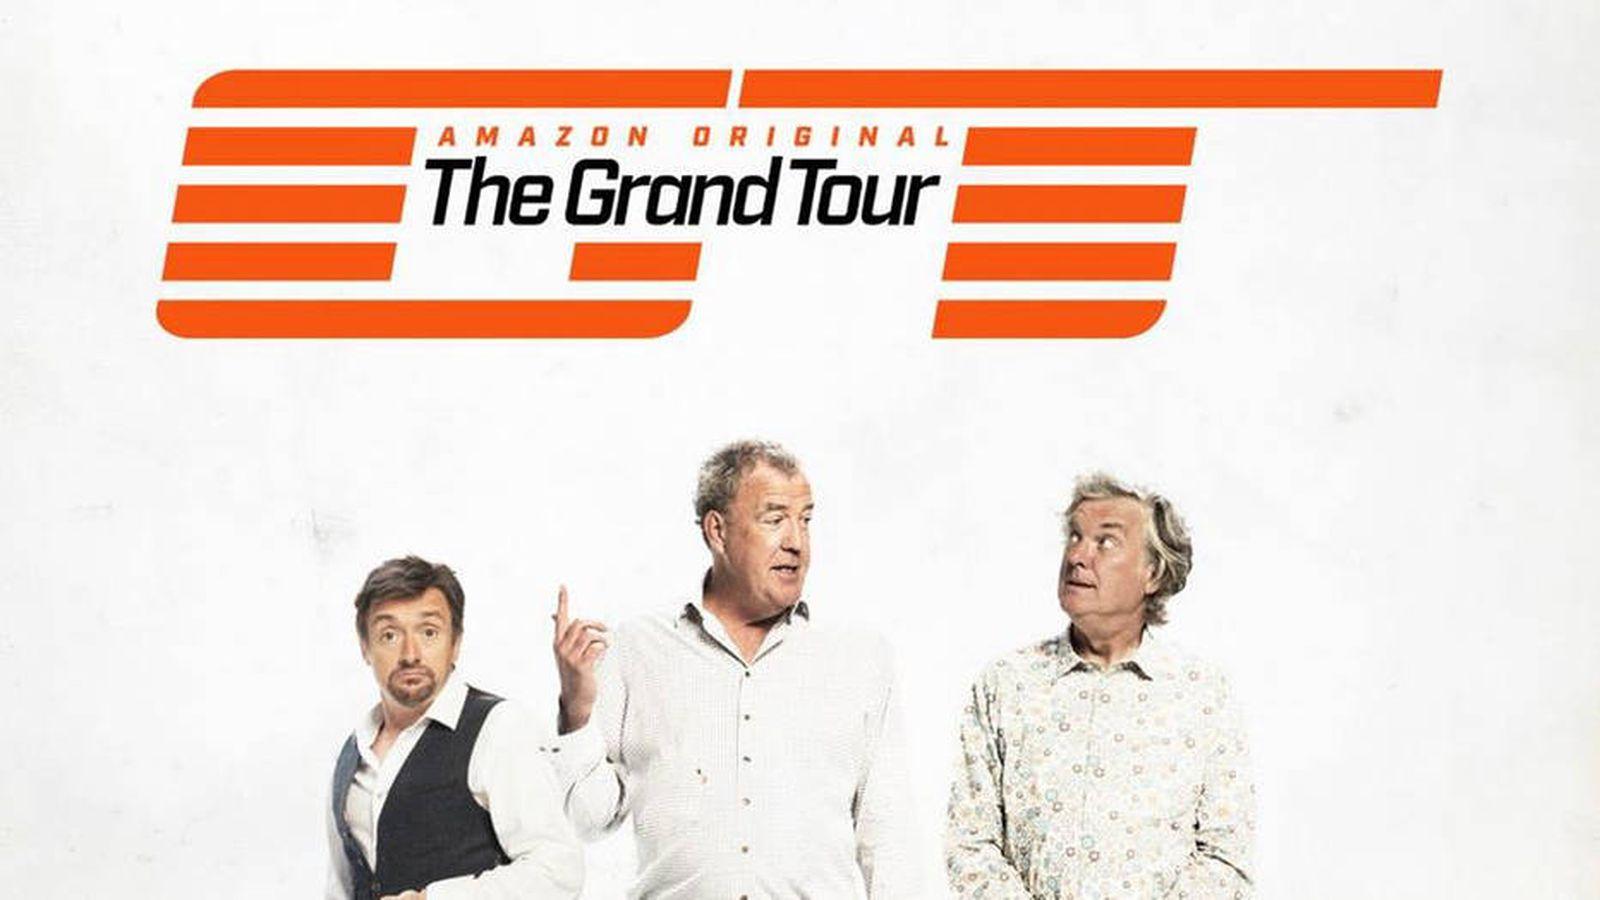 Amazon Grand Tour